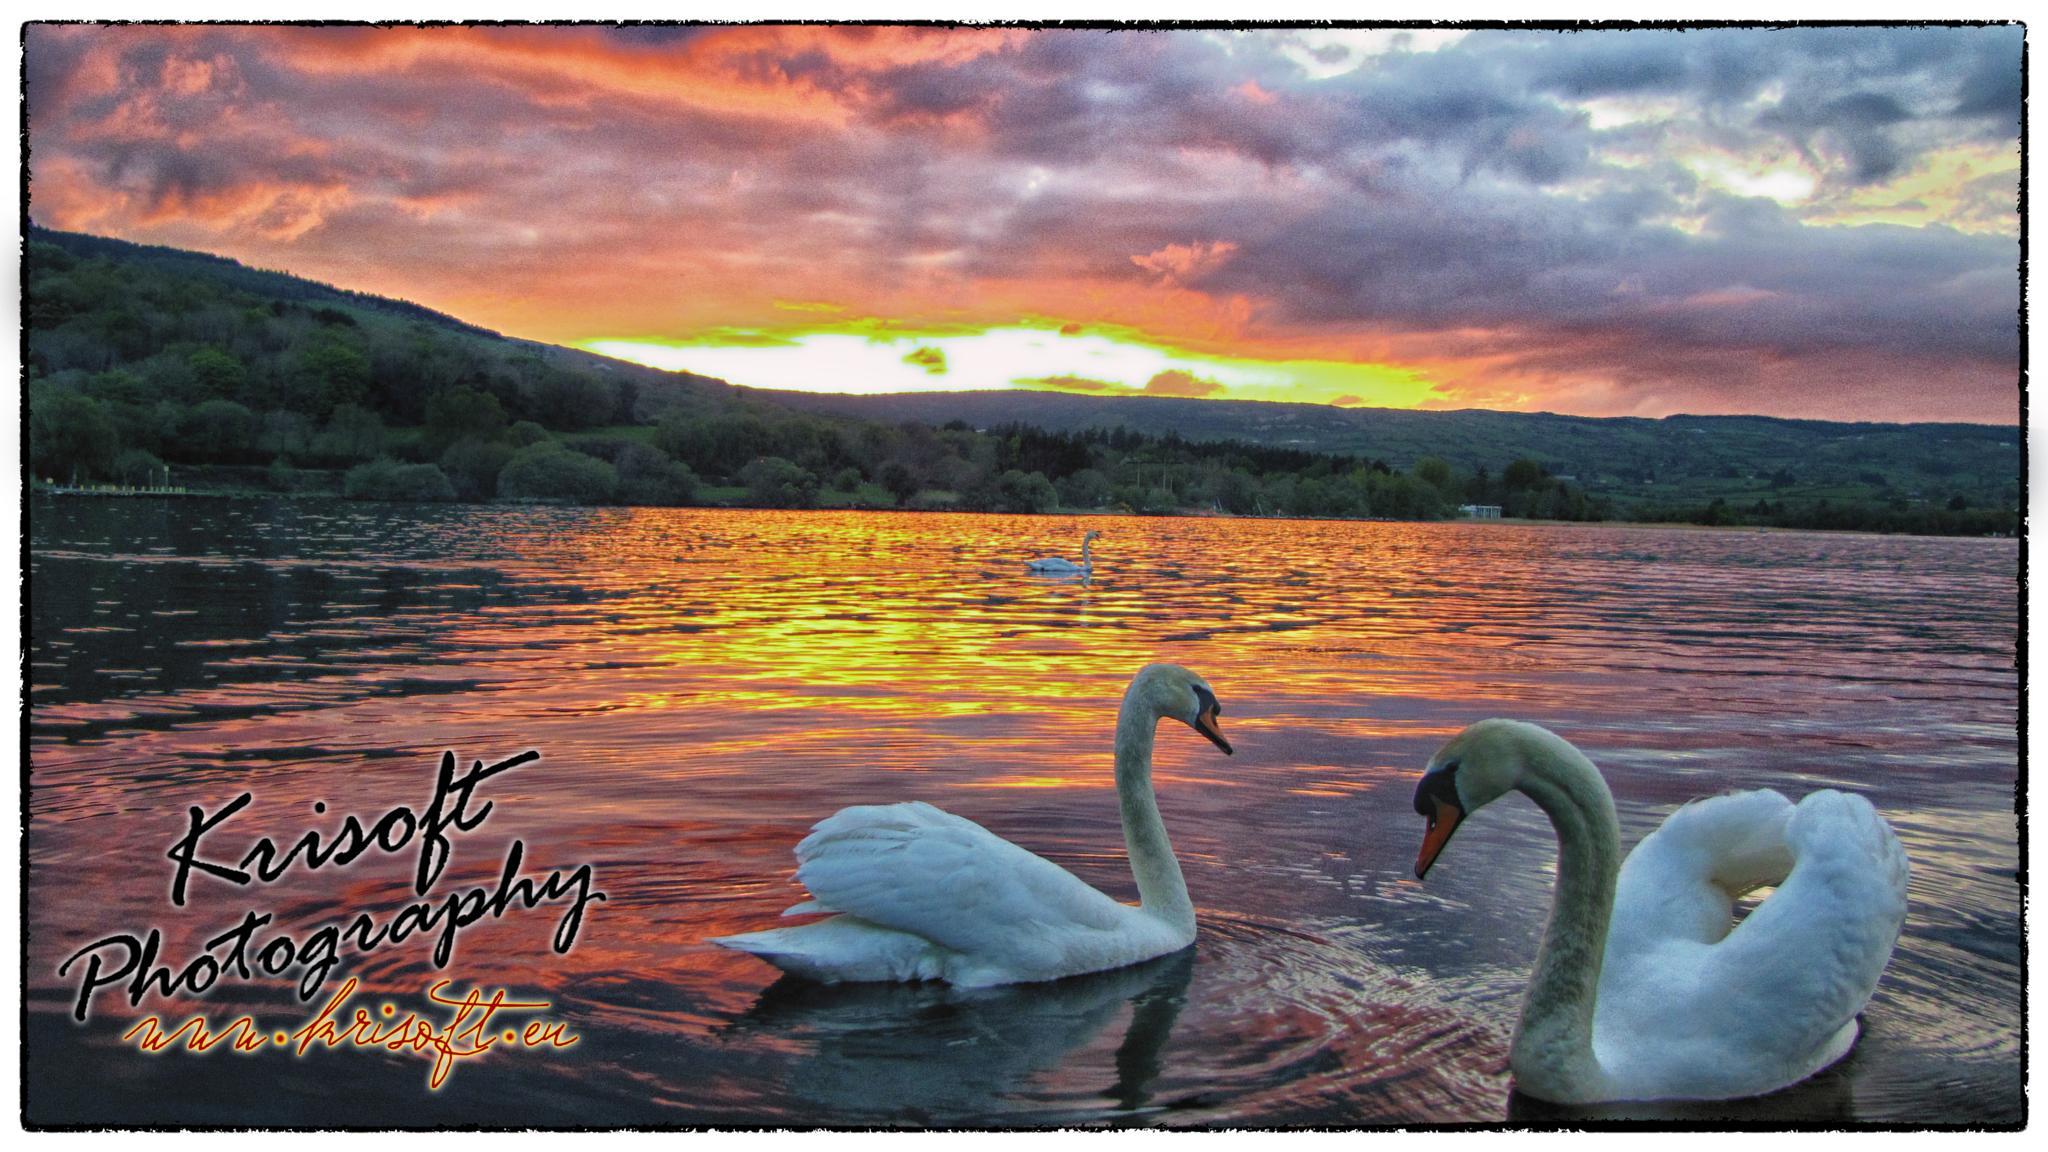 Swans on beautiful sunset by Krzysztof Luszczki